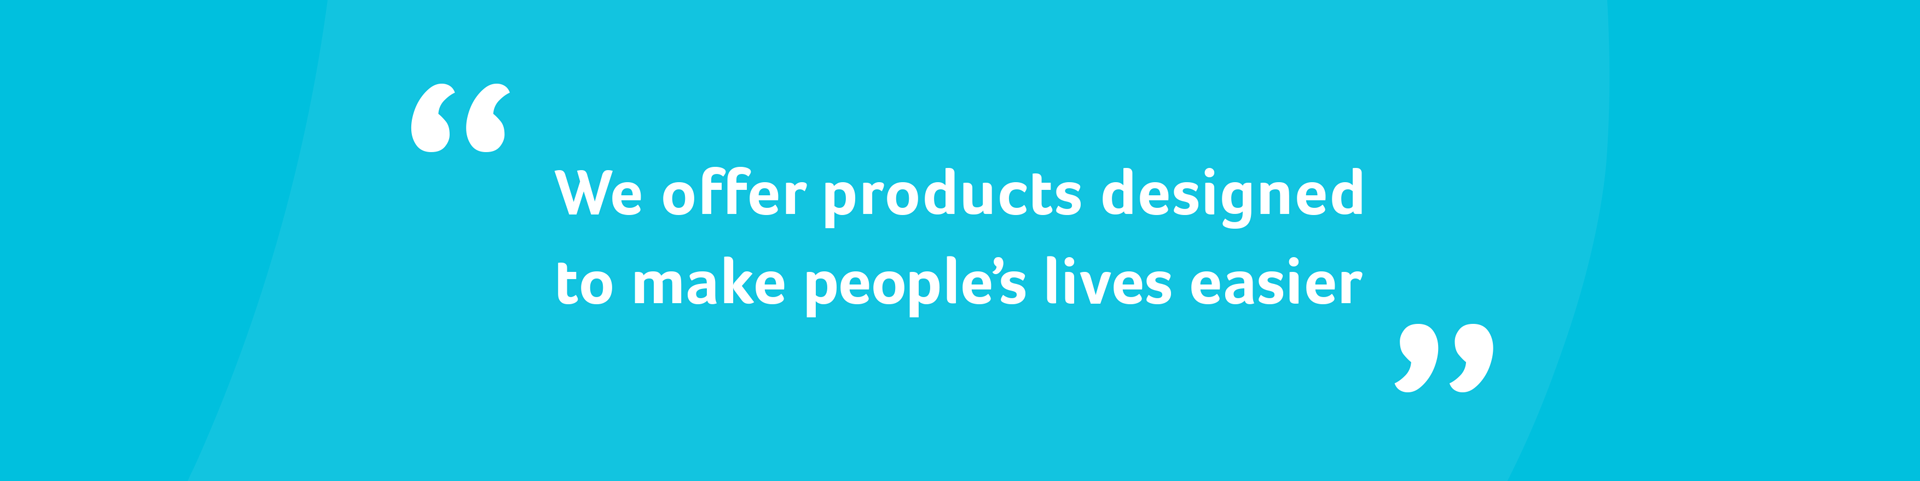 kickstarter-mission-statement-design